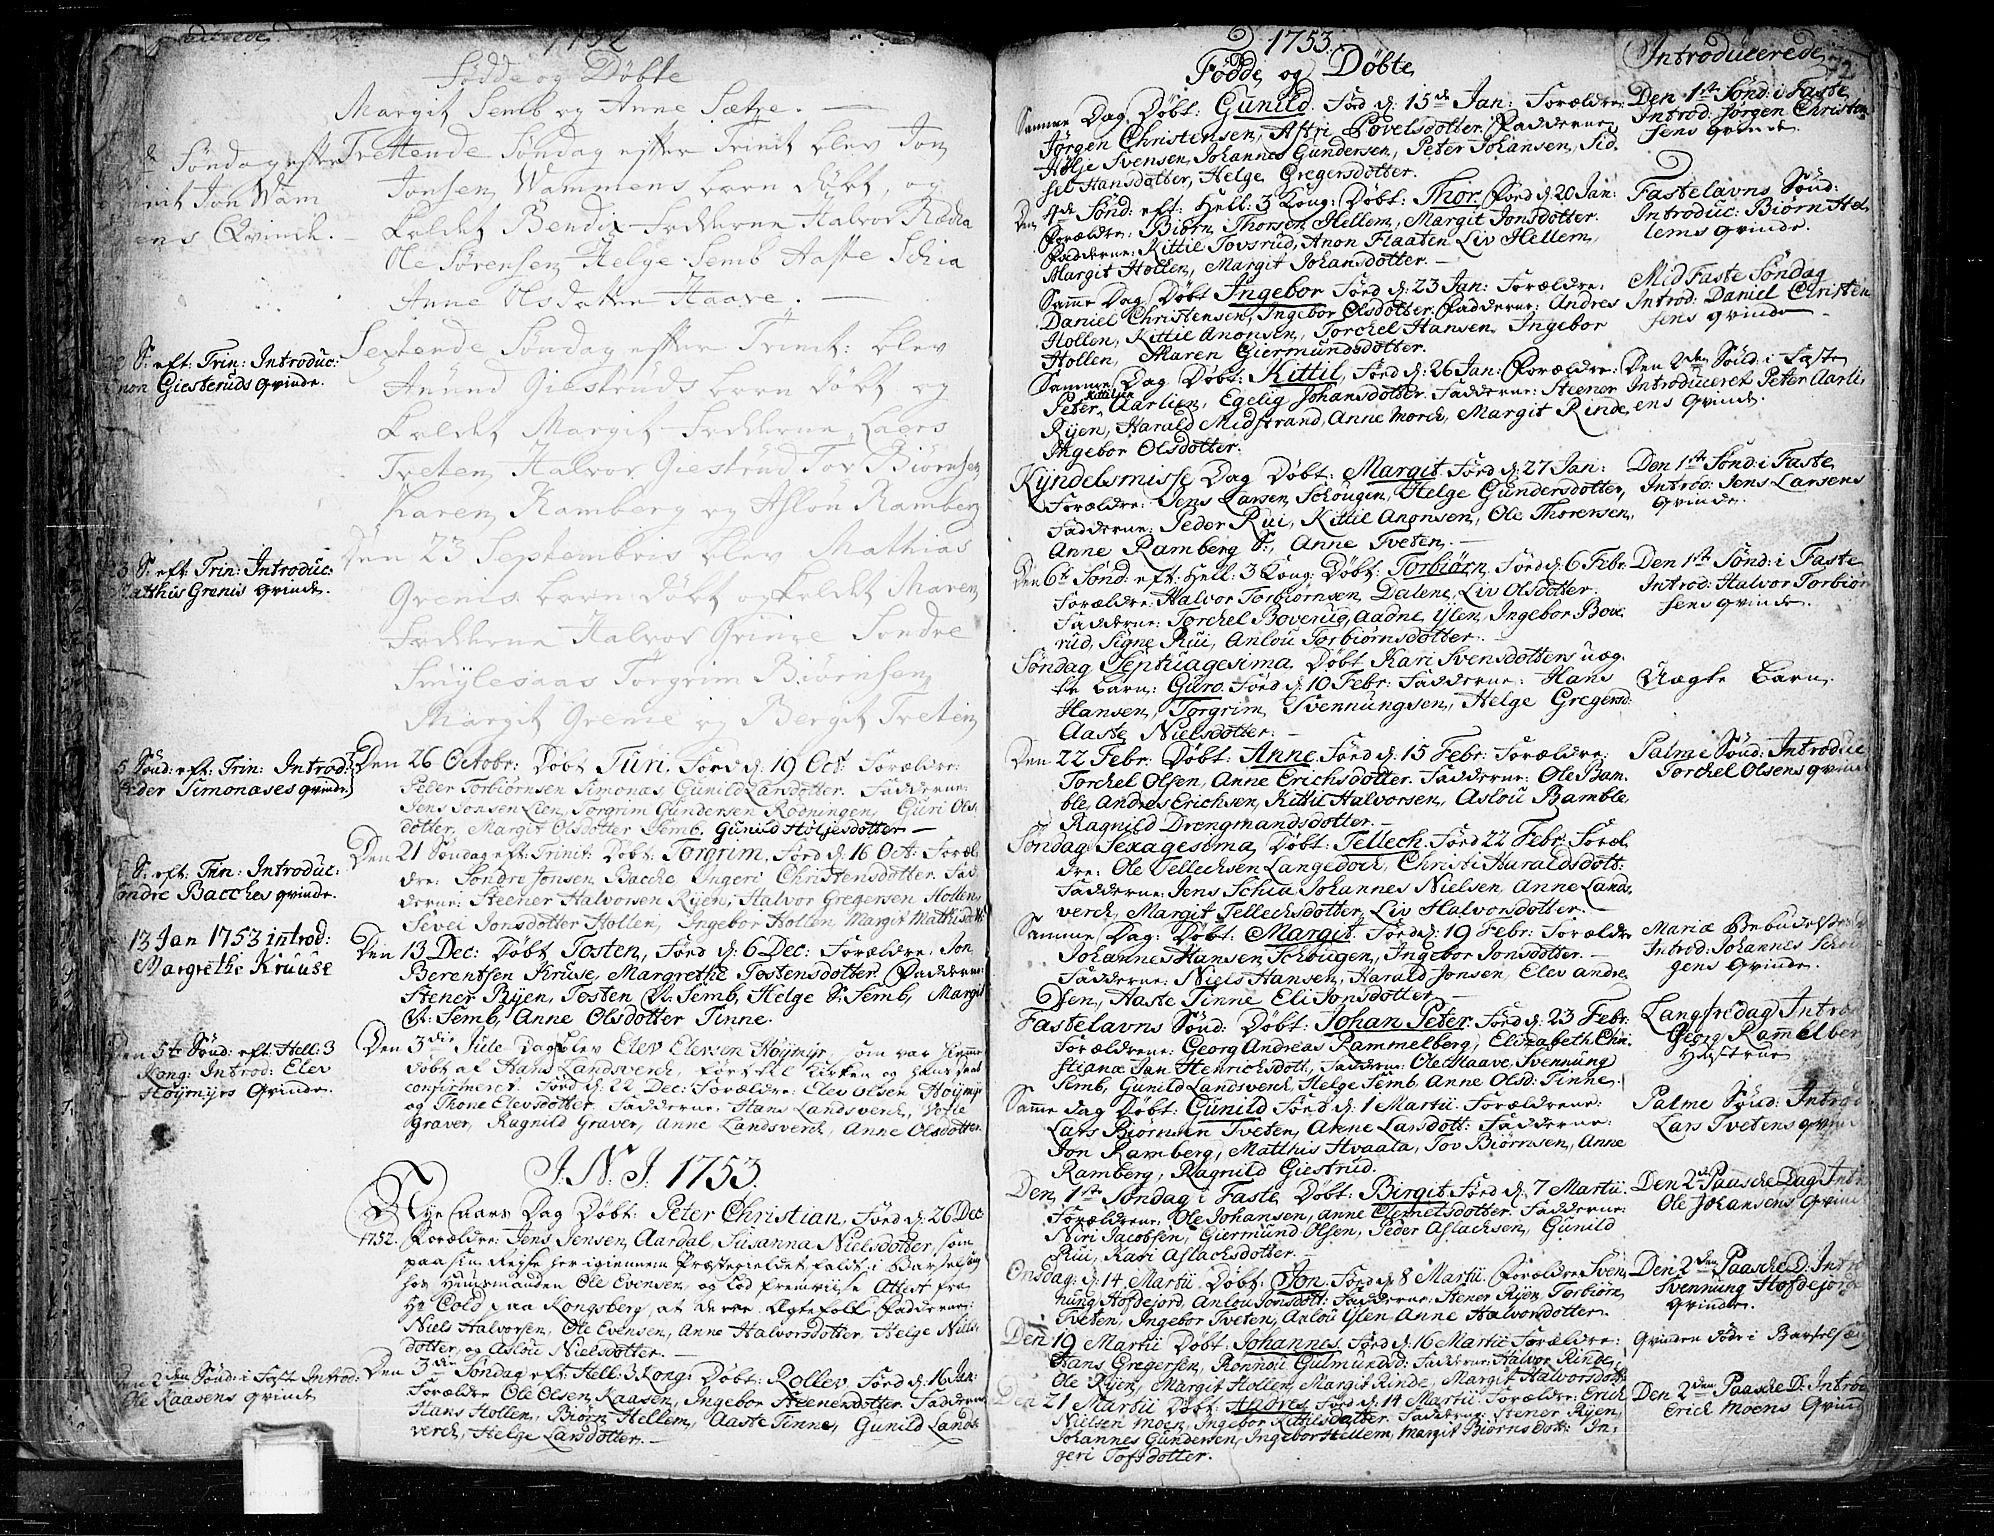 SAKO, Heddal kirkebøker, F/Fa/L0003: Ministerialbok nr. I 3, 1723-1783, s. 72